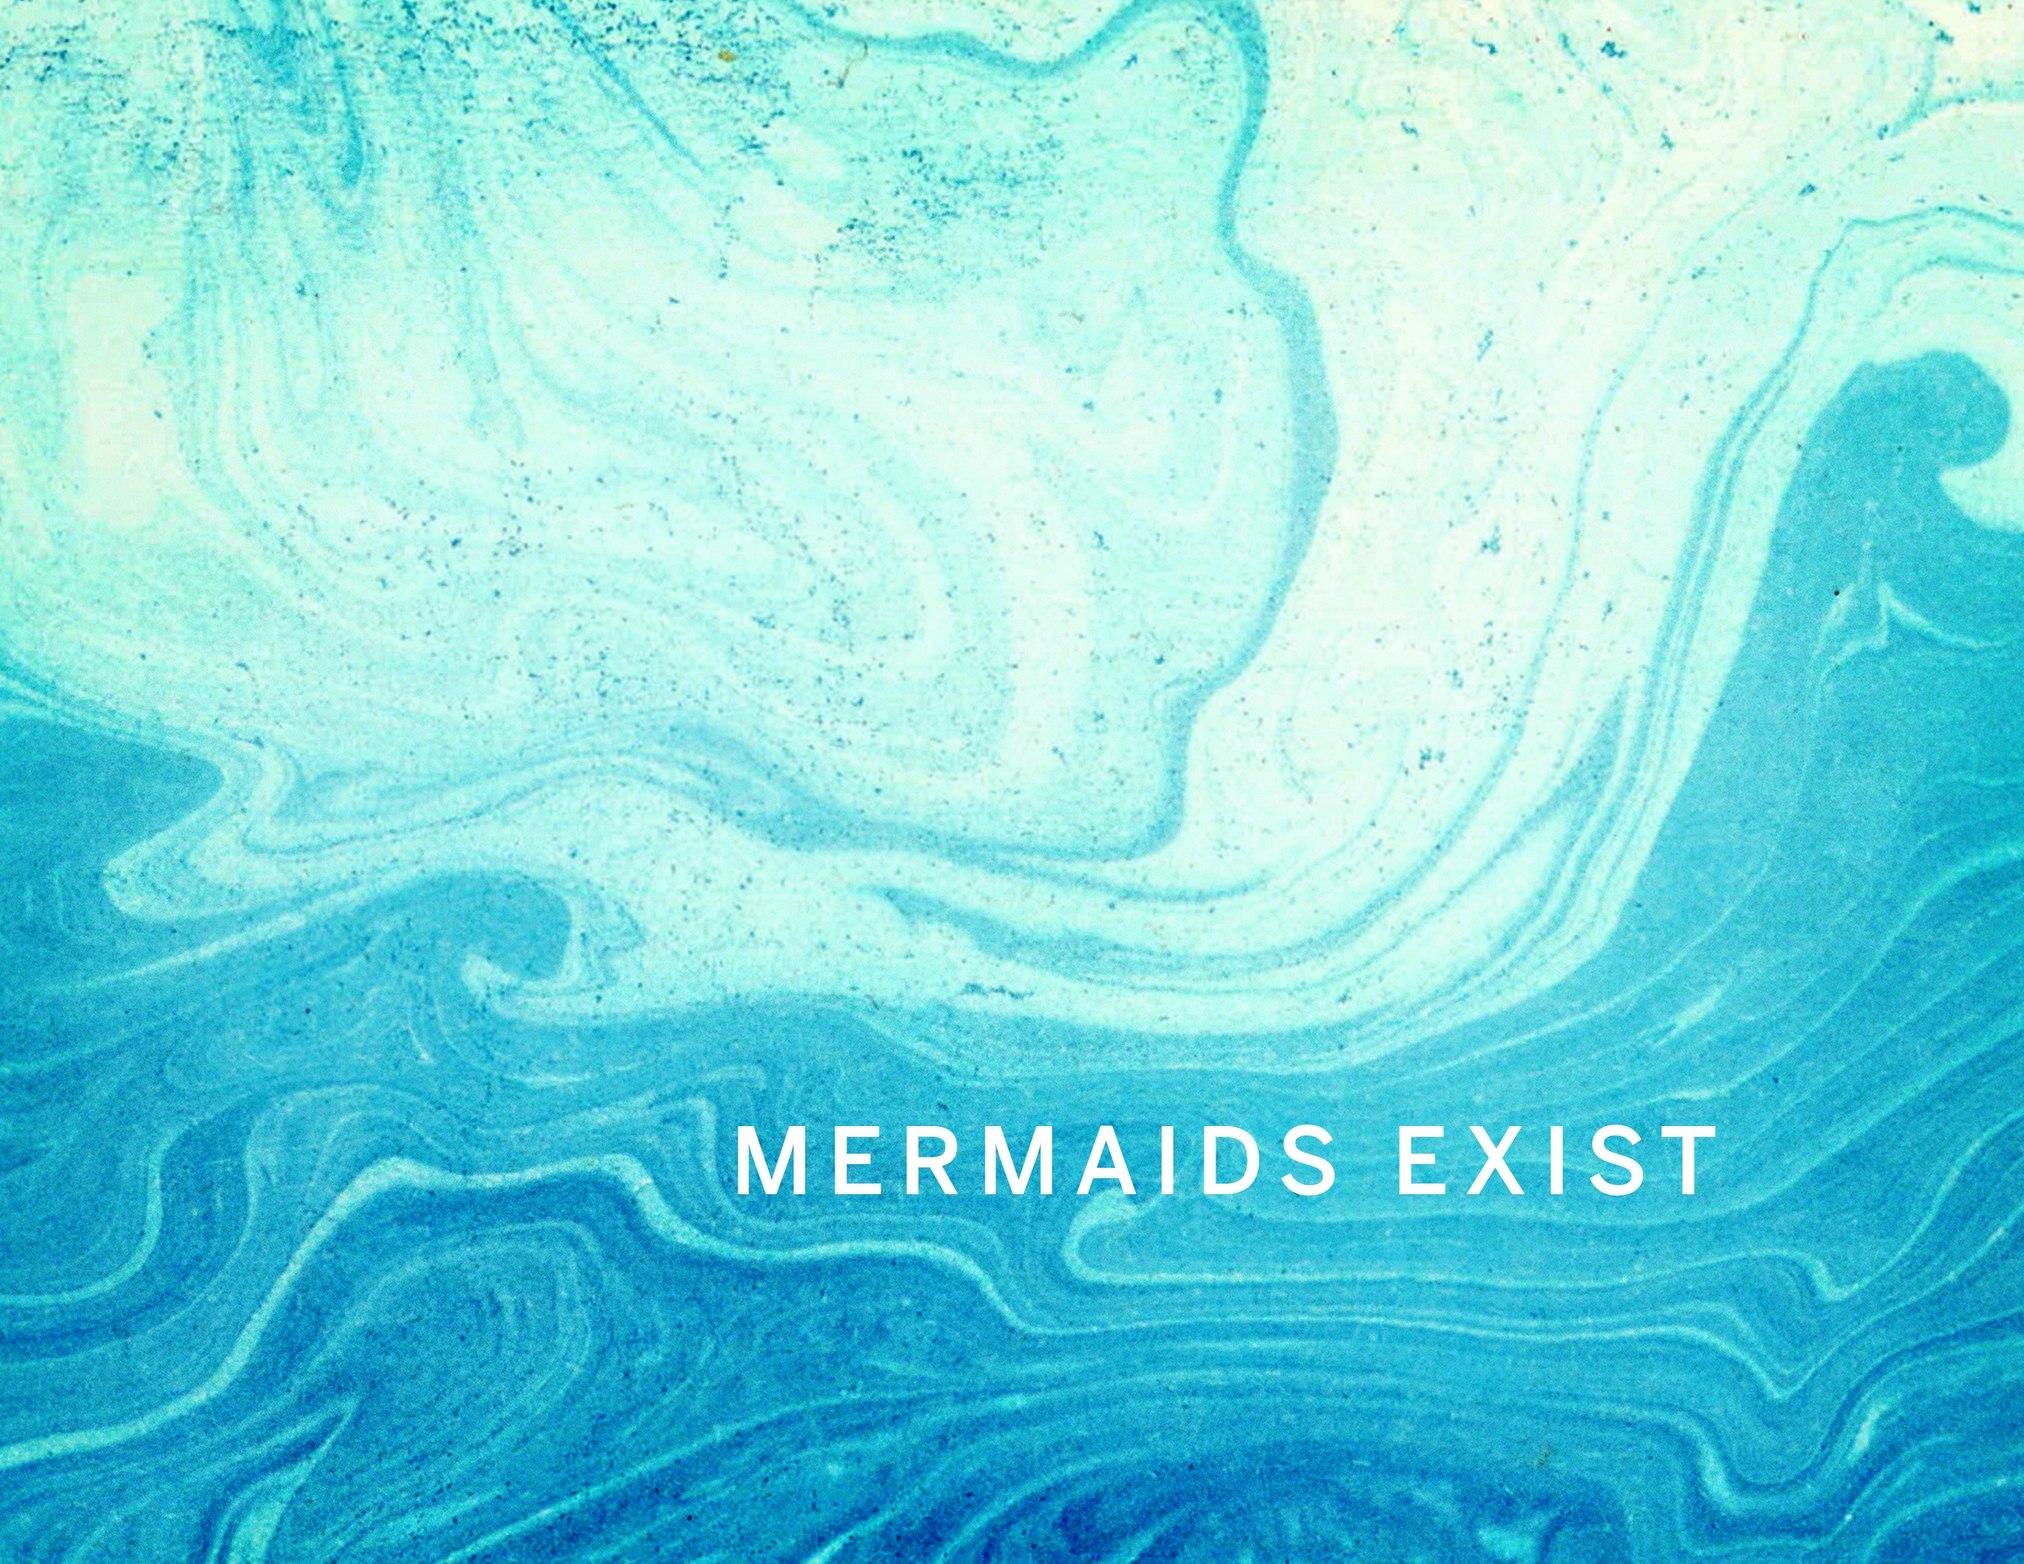 Mermaids Exist